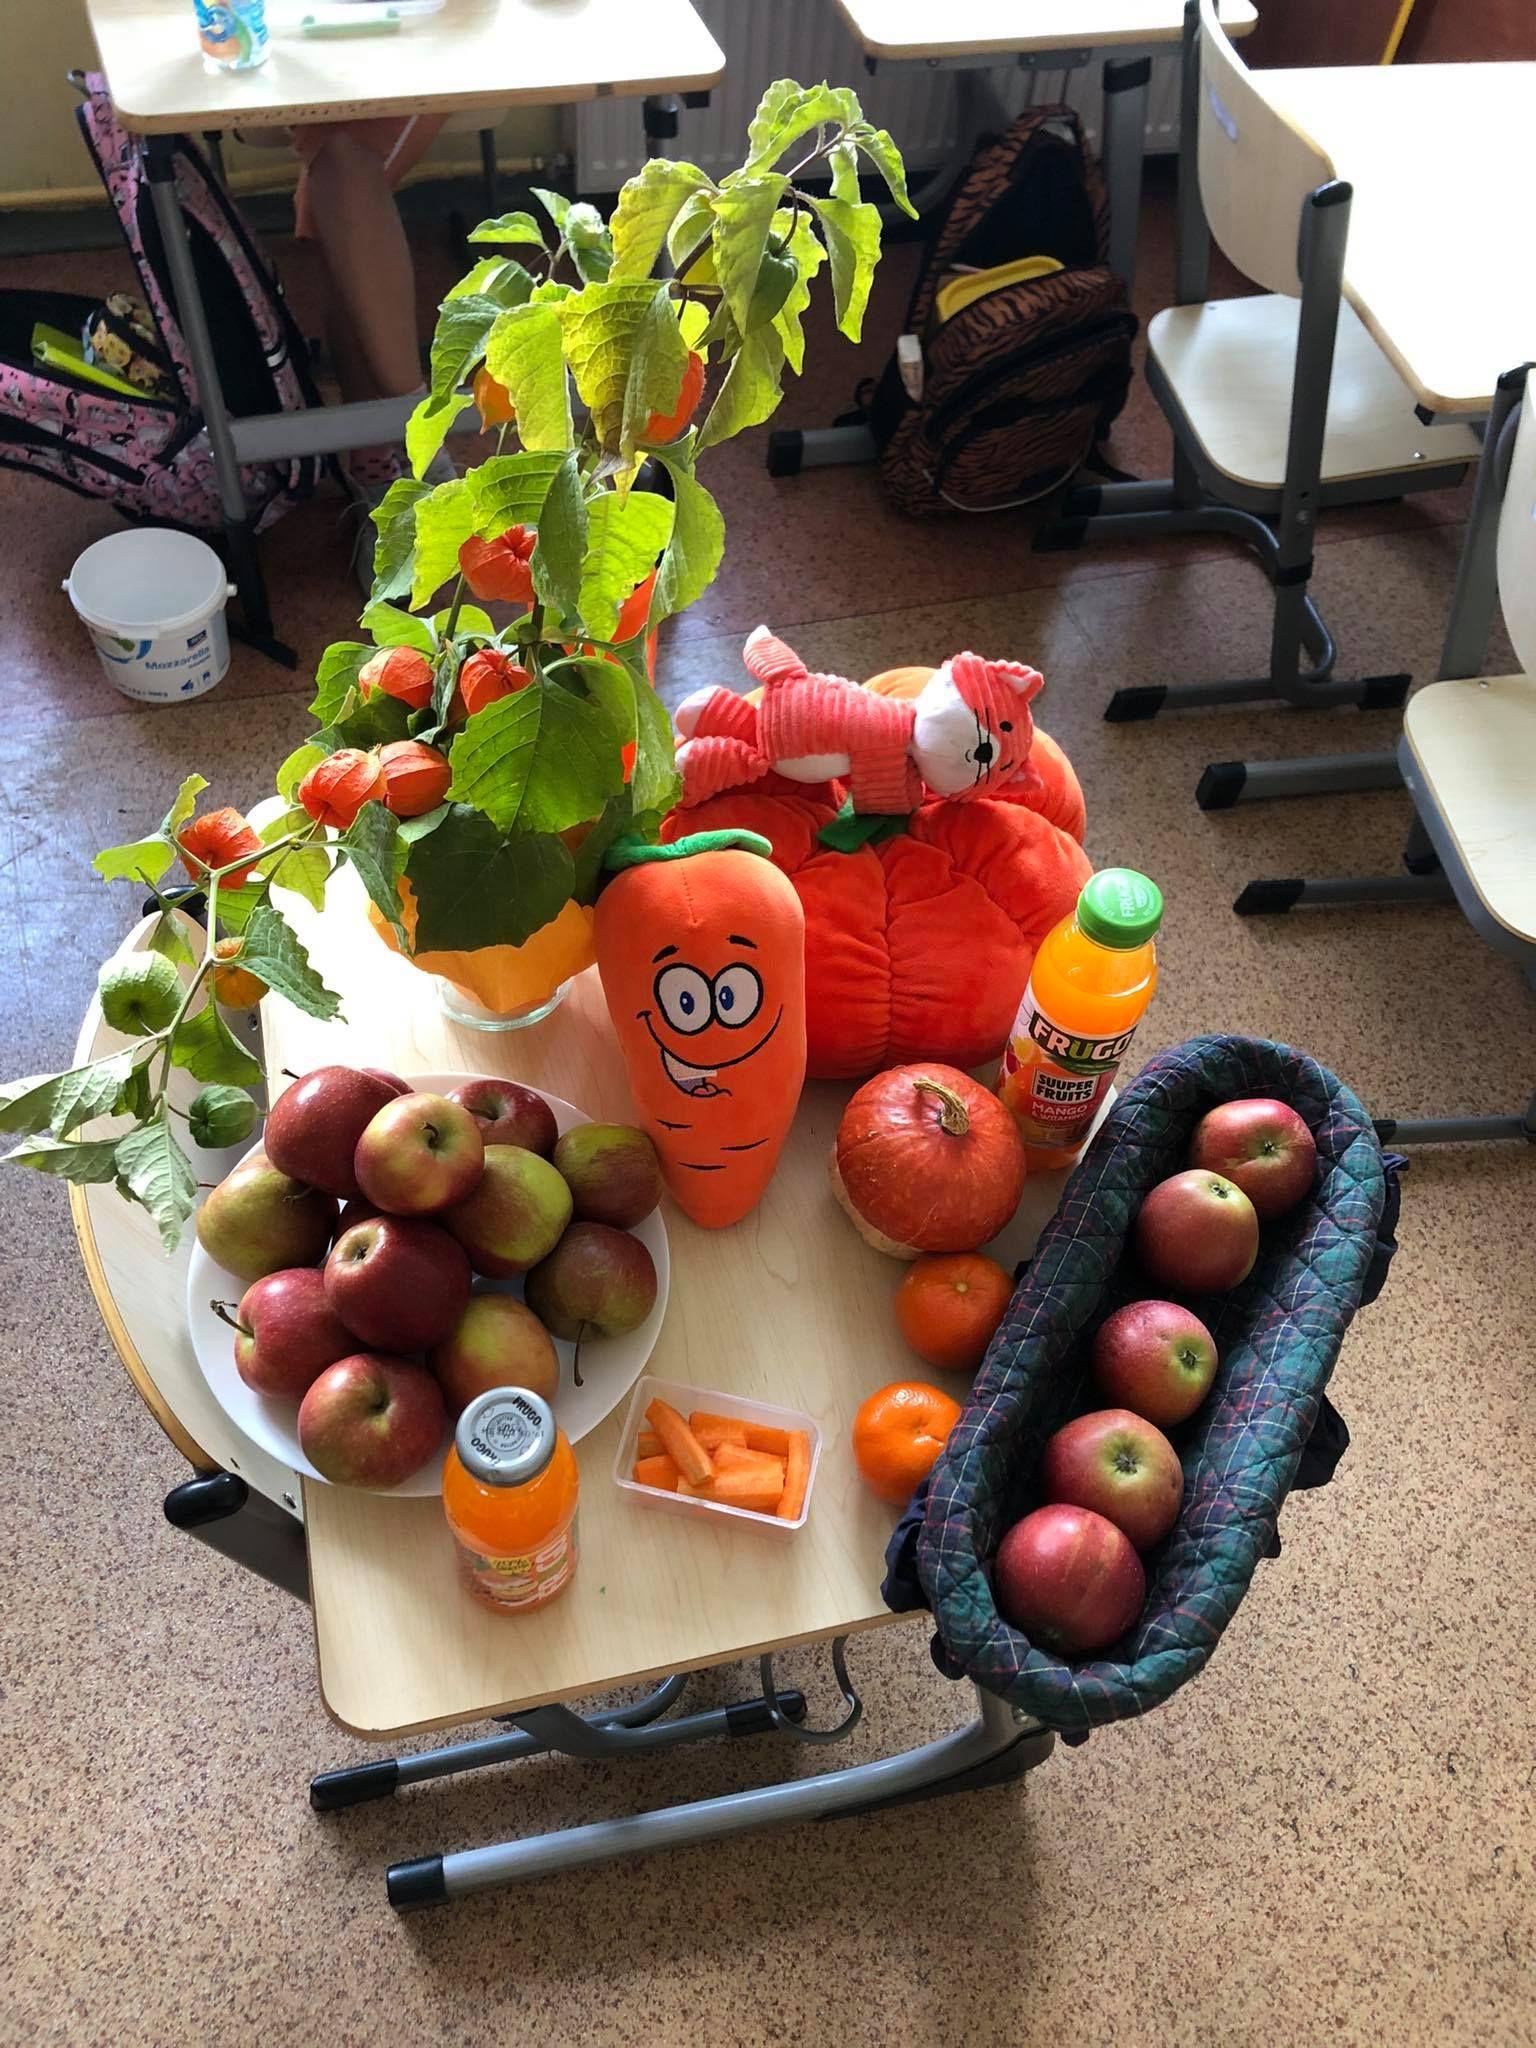 Zdjęcie przedstawia jabłka i i zdrowe produkty w kolorze pomarańczowym ułożone na stoliku.